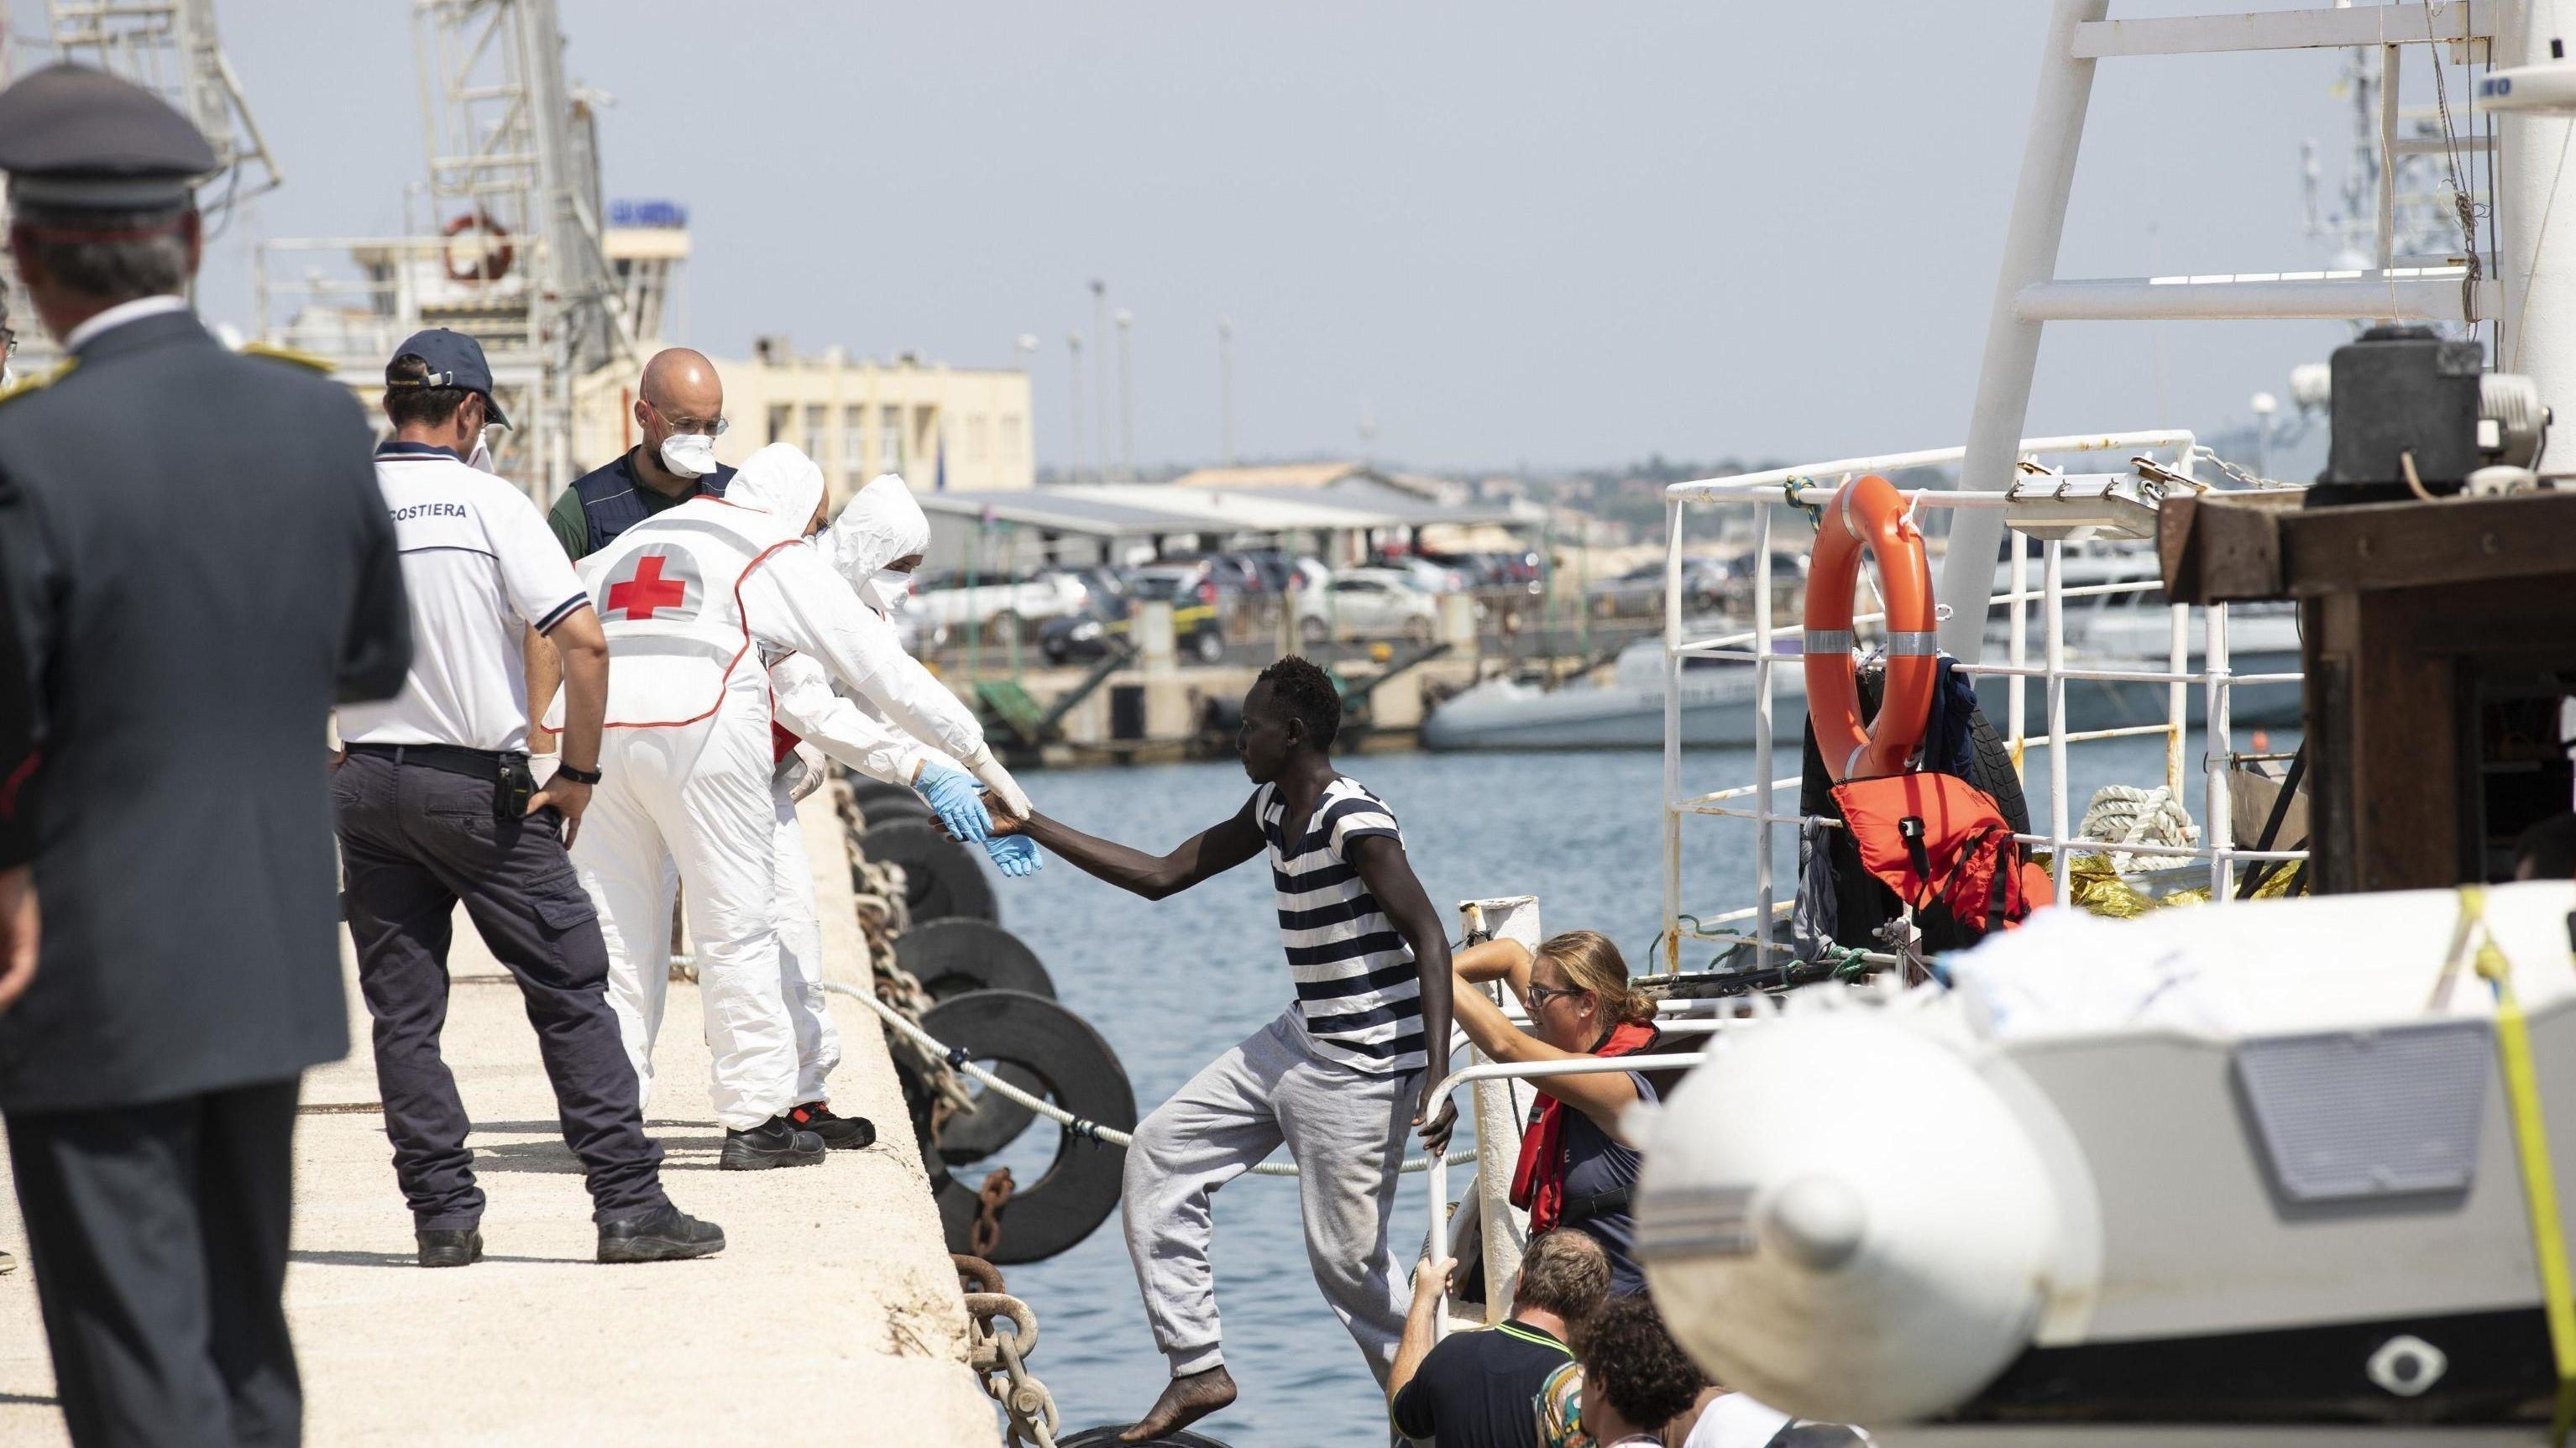 Migranten verlassen im Hafen von Pozzallo, Sizilien, das deutsche Rettungsschiff Eleonore